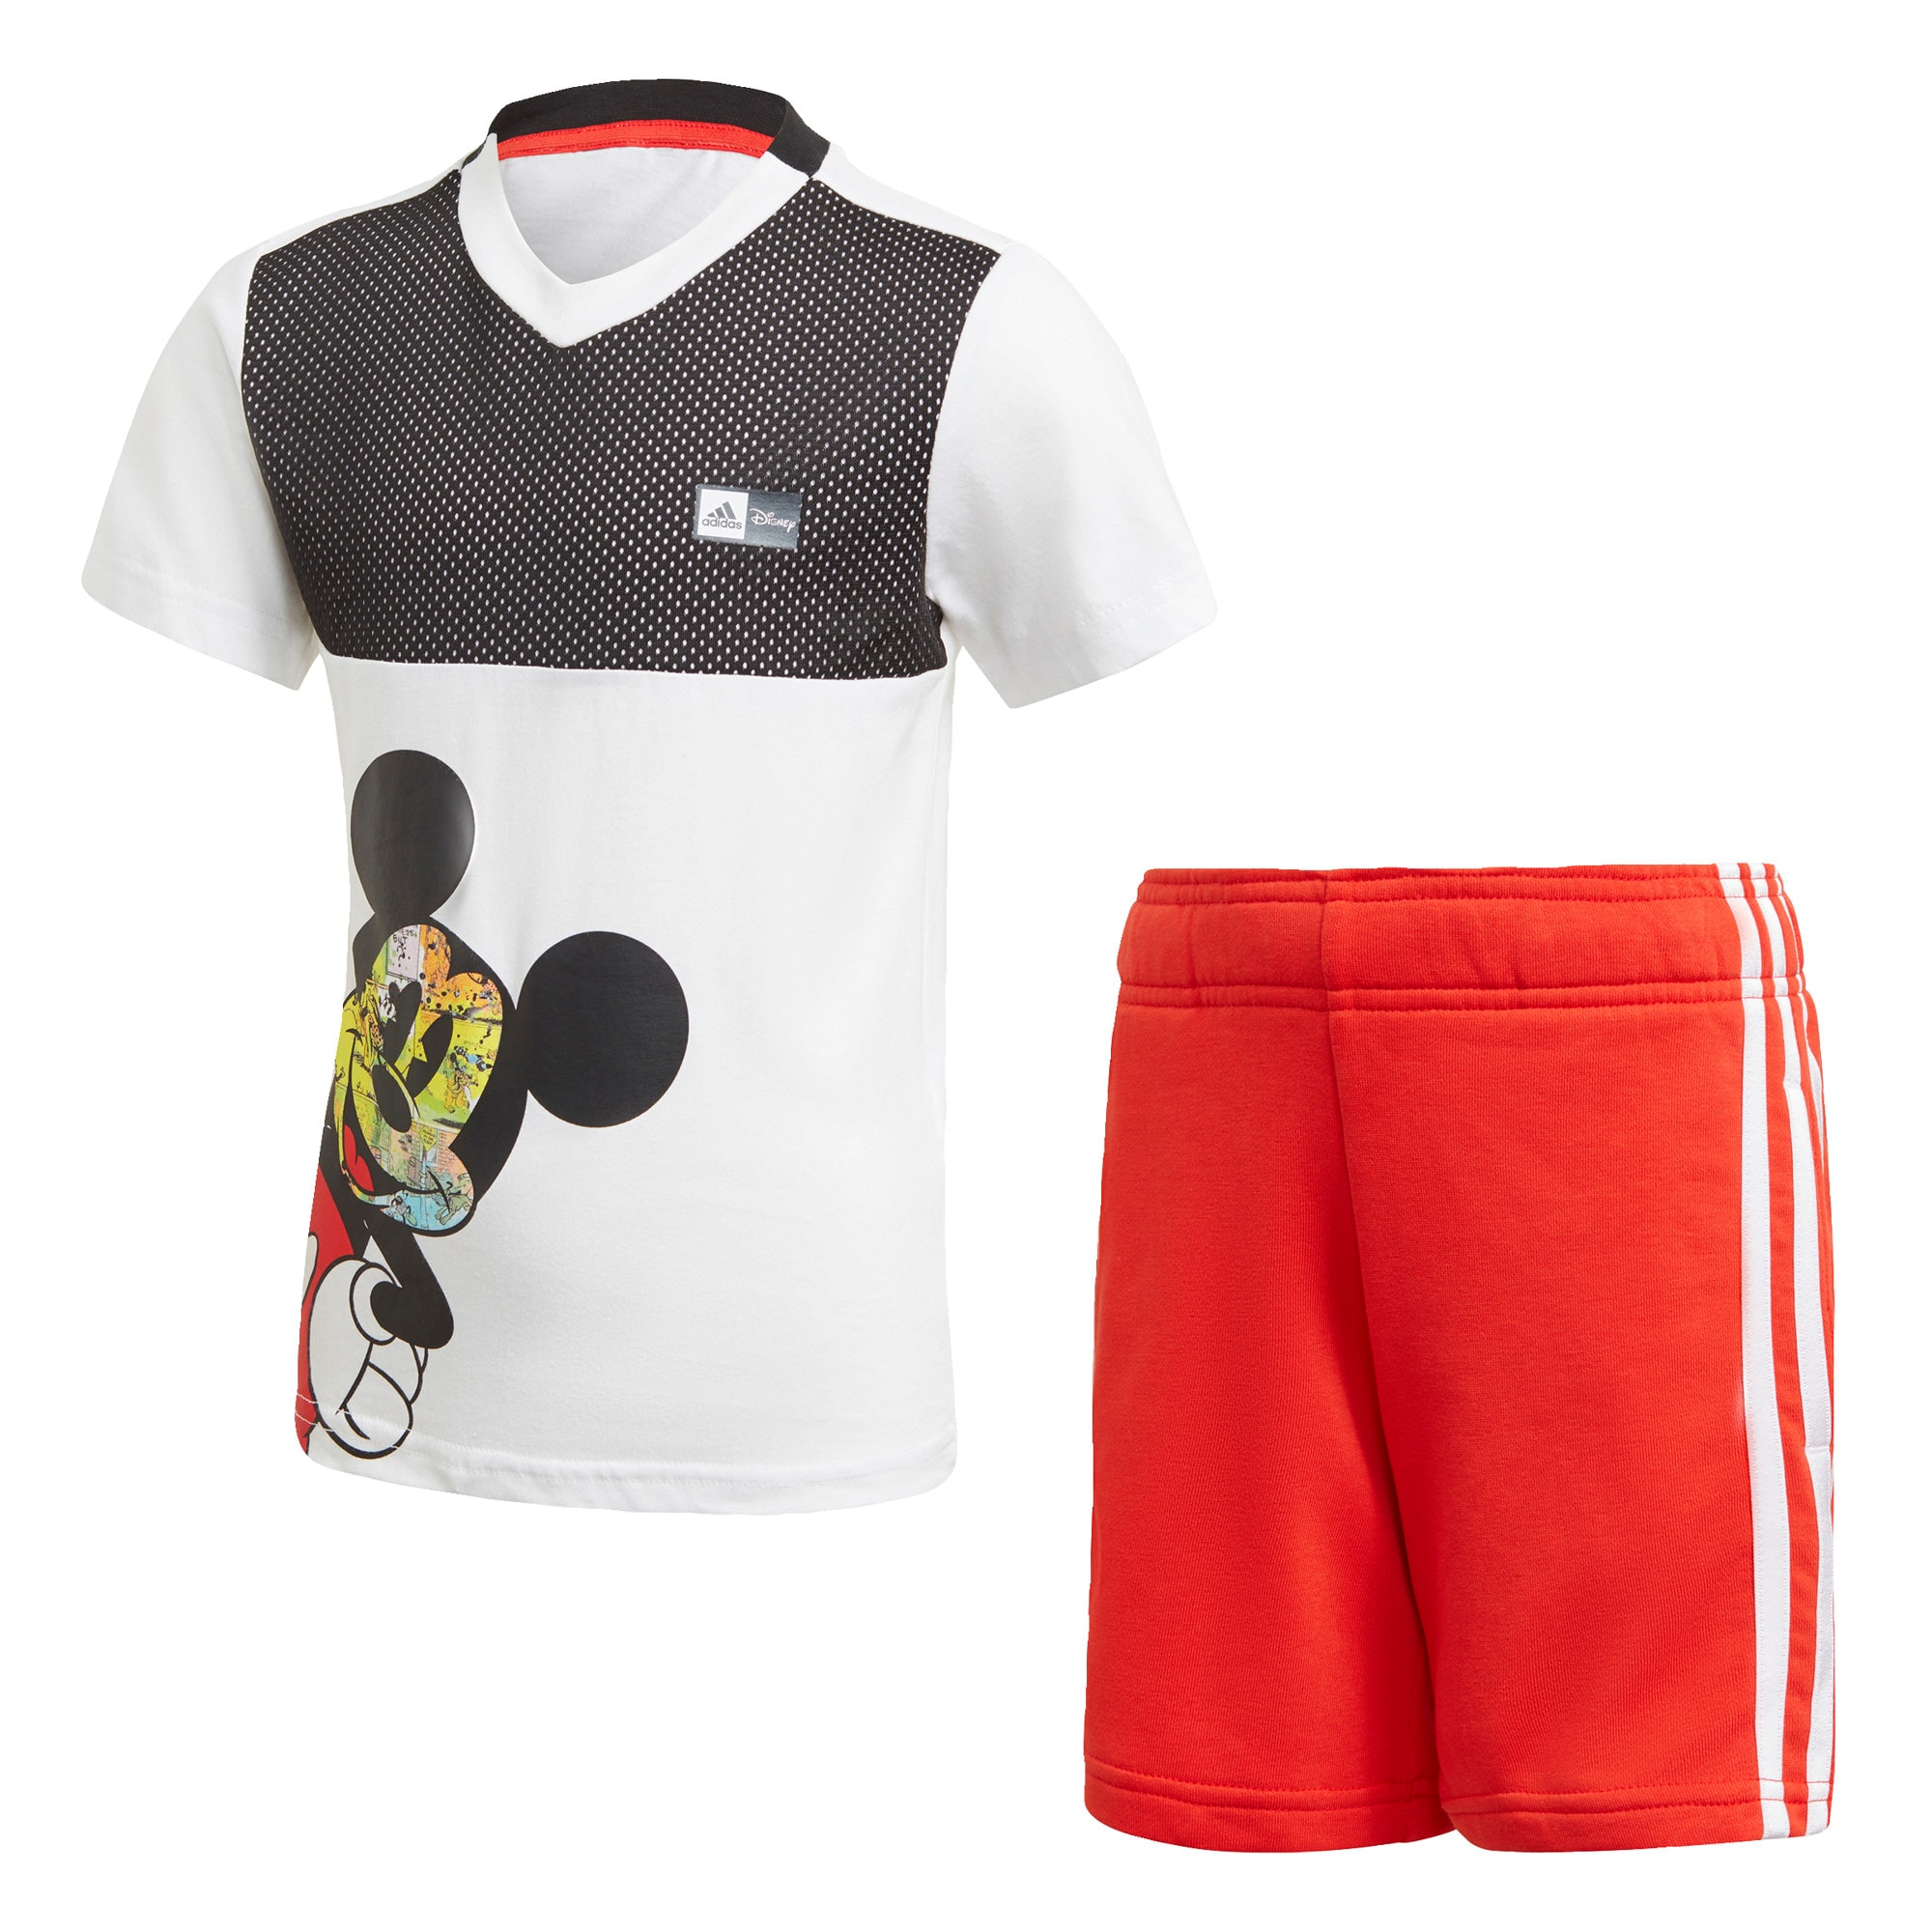 ADIDAS PERFORMANCE Sportinis kostiumas balta / juoda / raudona / mišrios spalvos